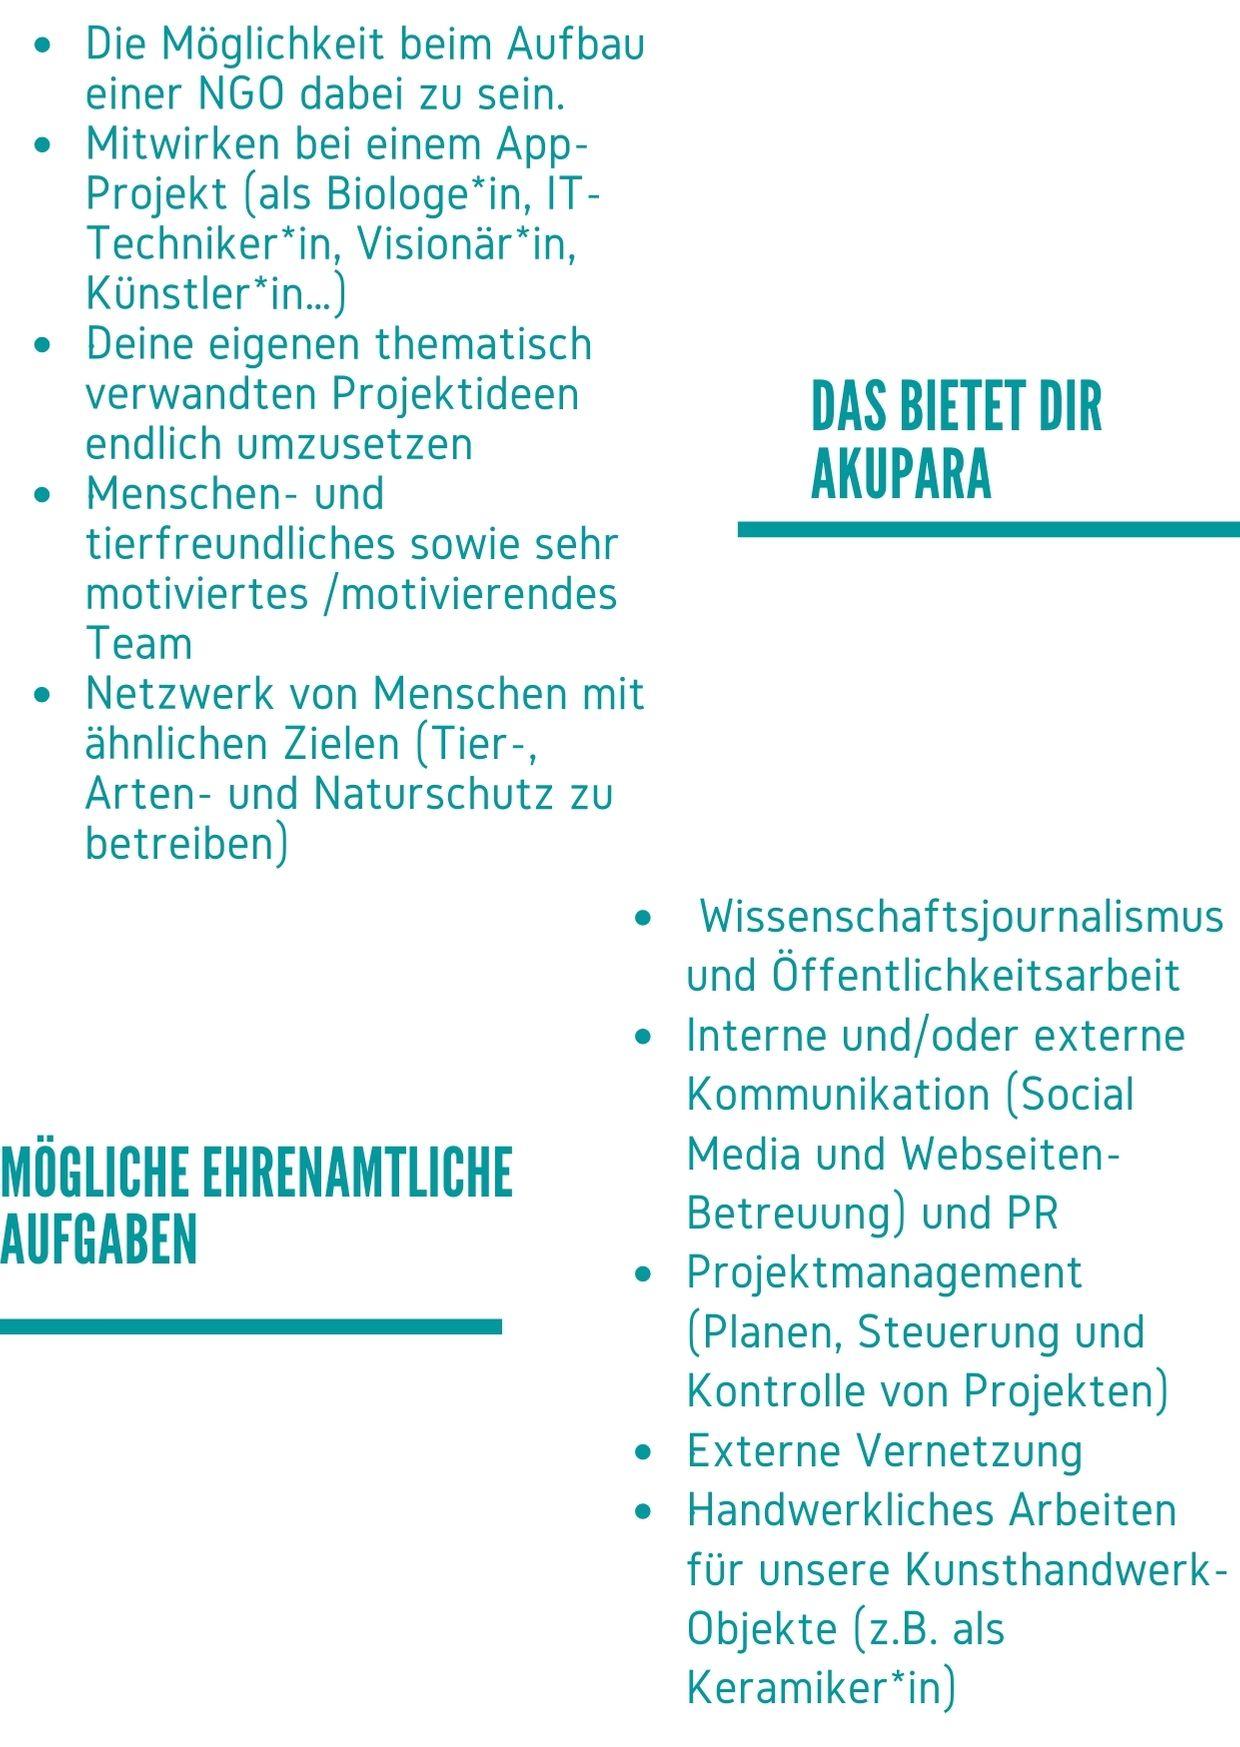 AKUPARA-Tierschutz-Artenschutz-Naturschutz-Oesterreich-Mitglied-werden-Stellenauschreibung